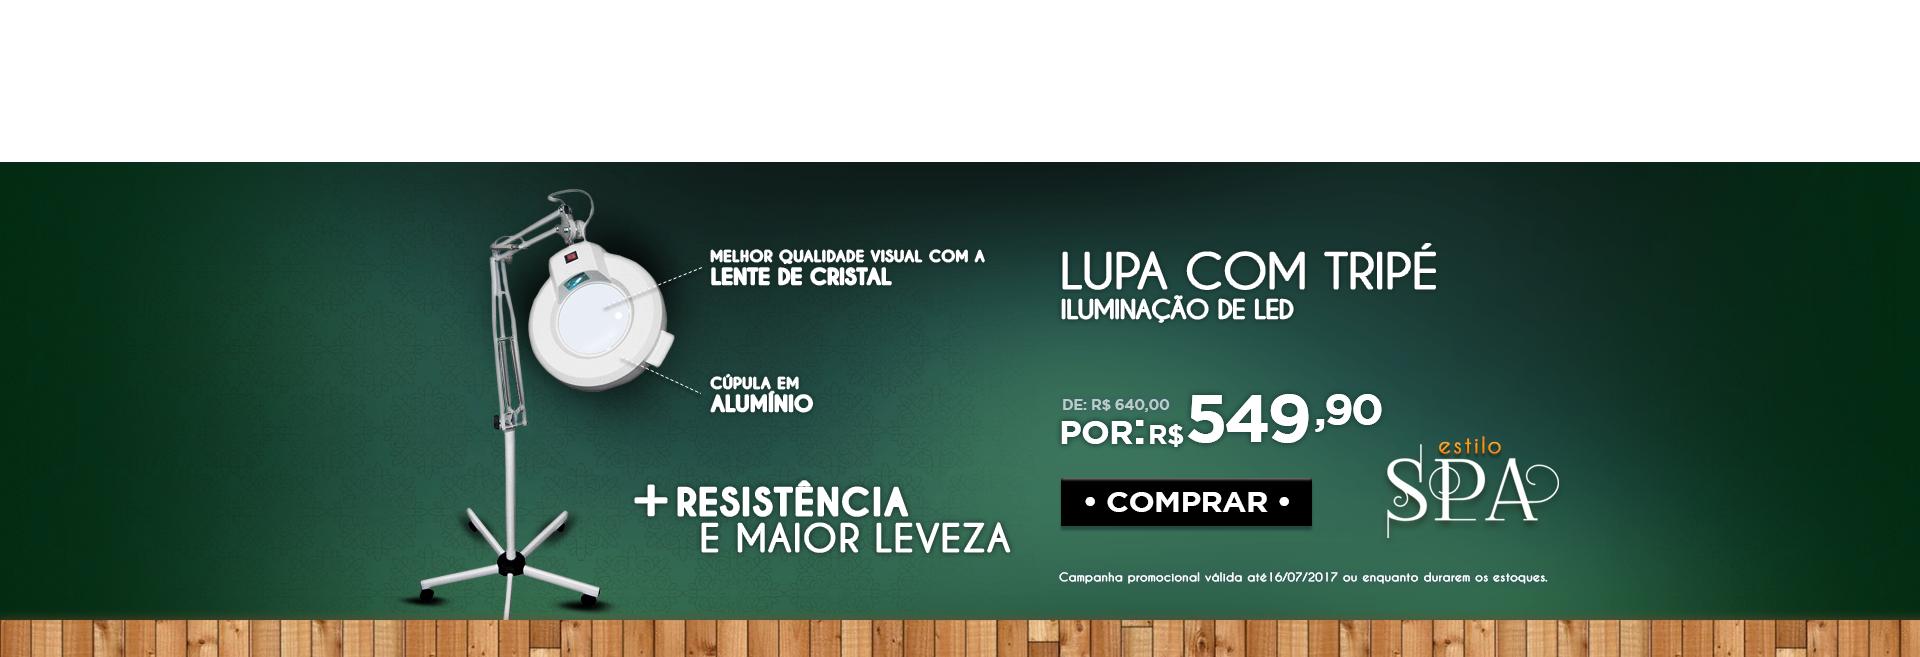 Spa - Lupa